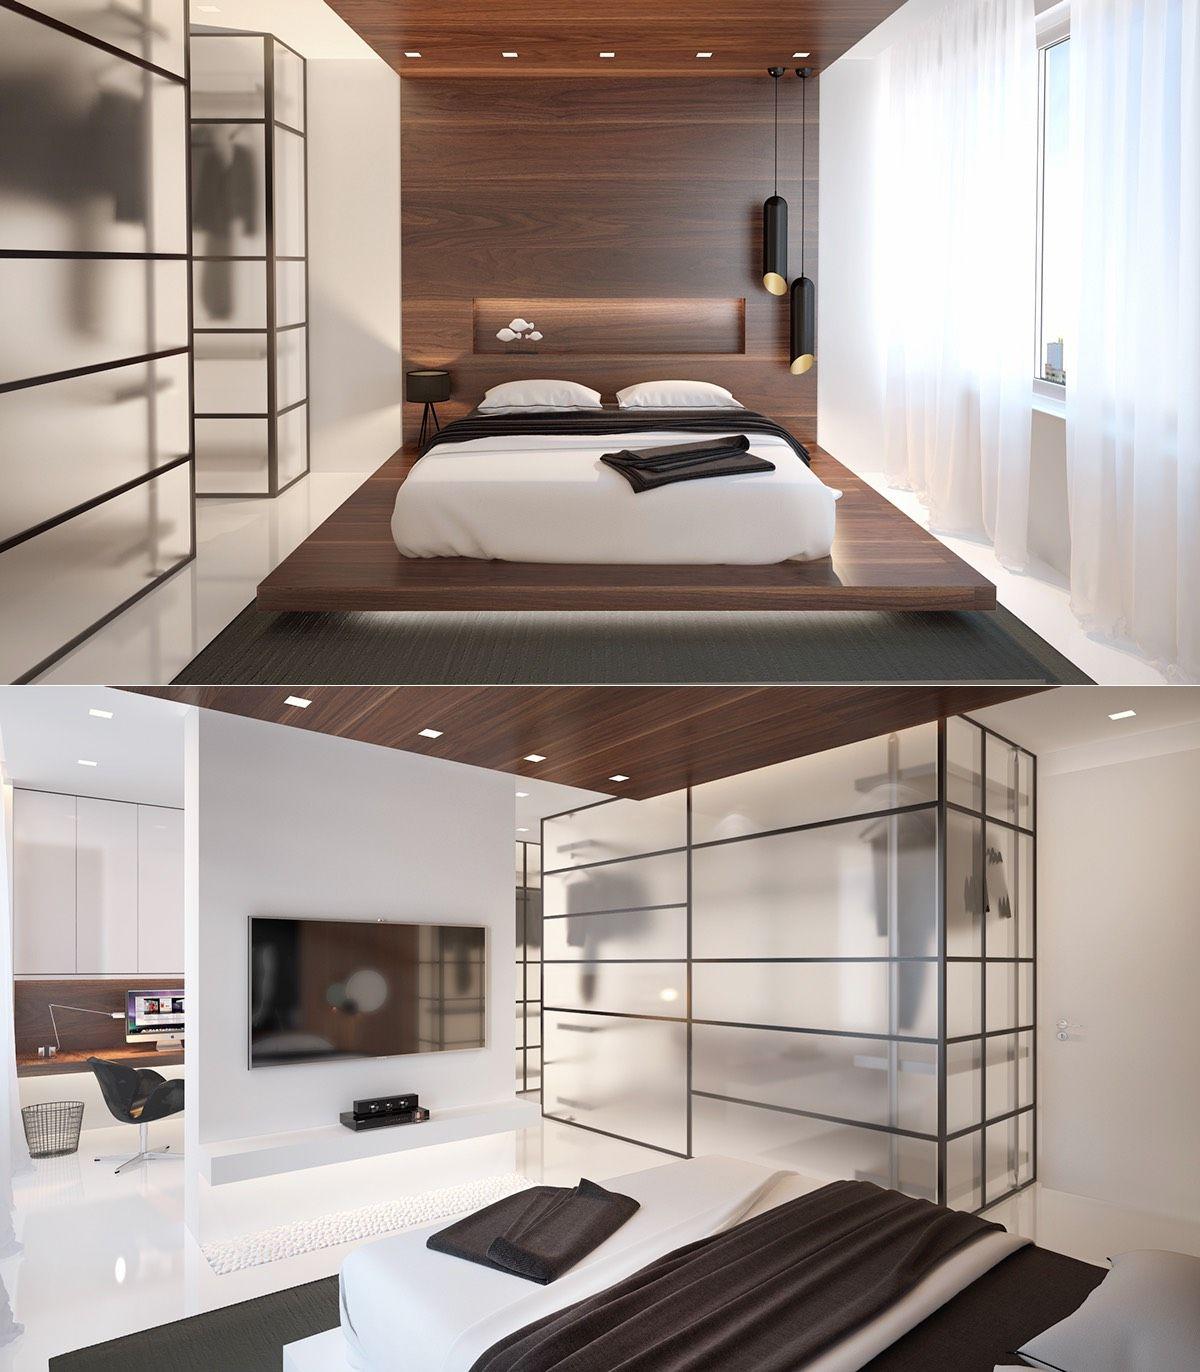 15 Luxury Bedroom Design With Elegant Wardrobe | Tom dixon lamp ...